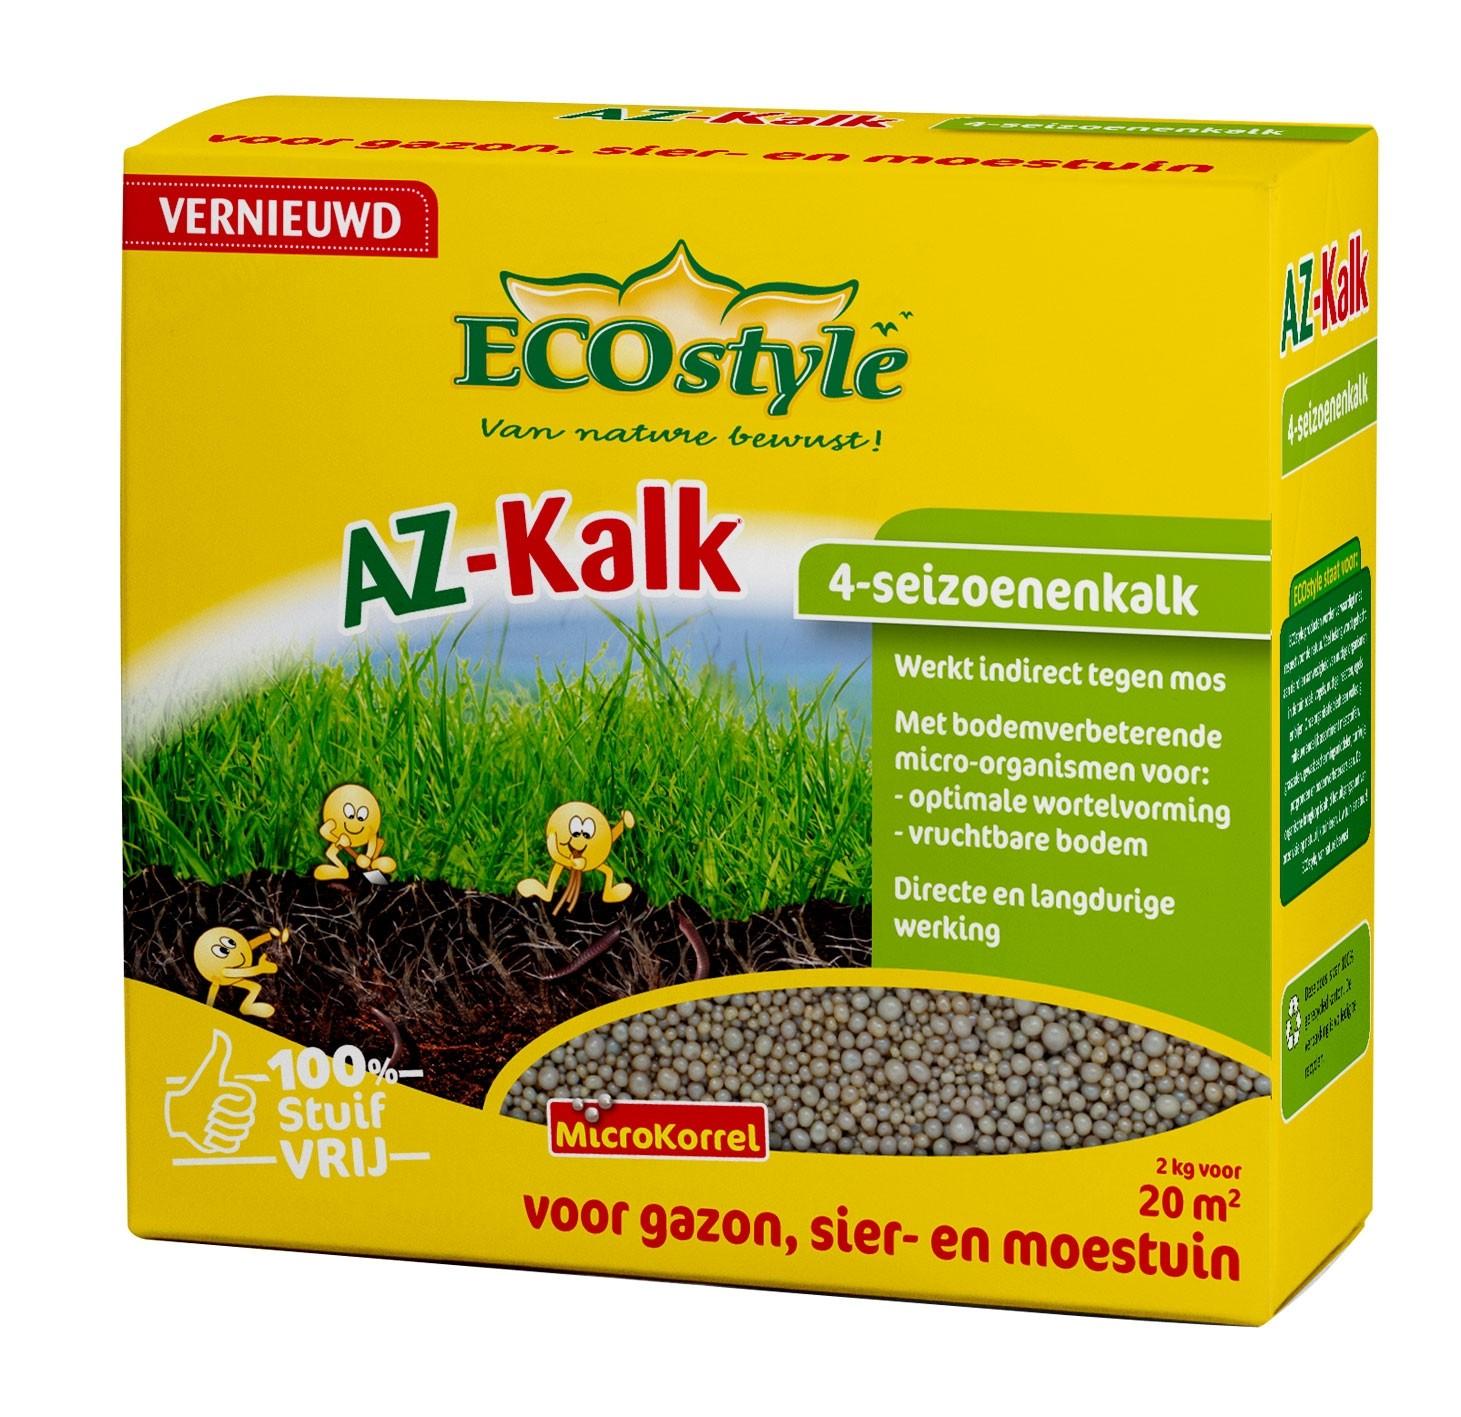 AZ-kalk Ecostyle 2kg